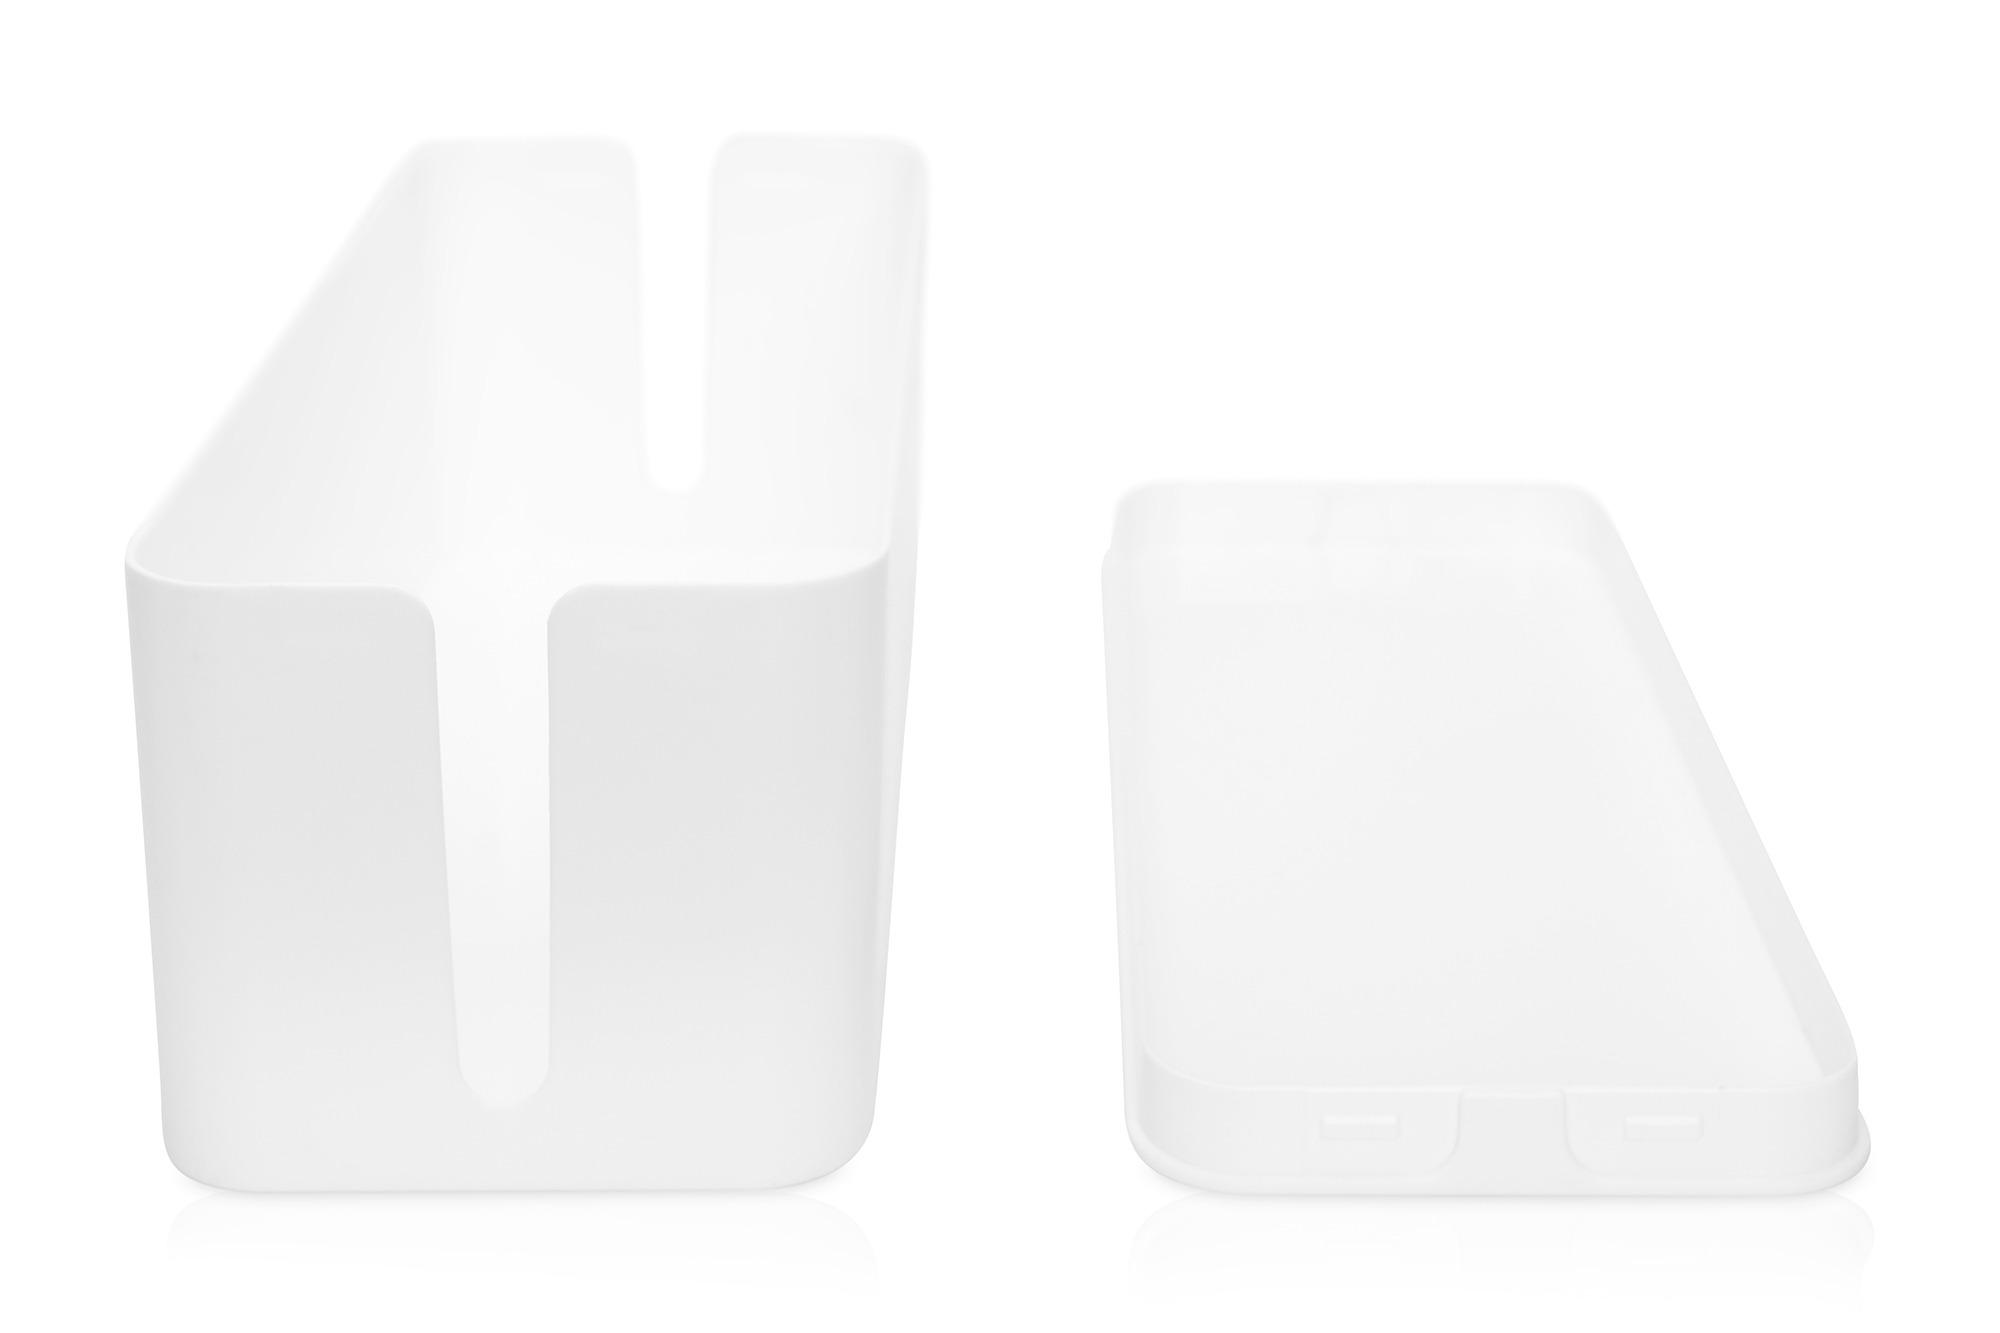 Scatola gestione cavi colore bianco dimensioni 23,5 x prof. 11,5 x alt. 12 cm digitus